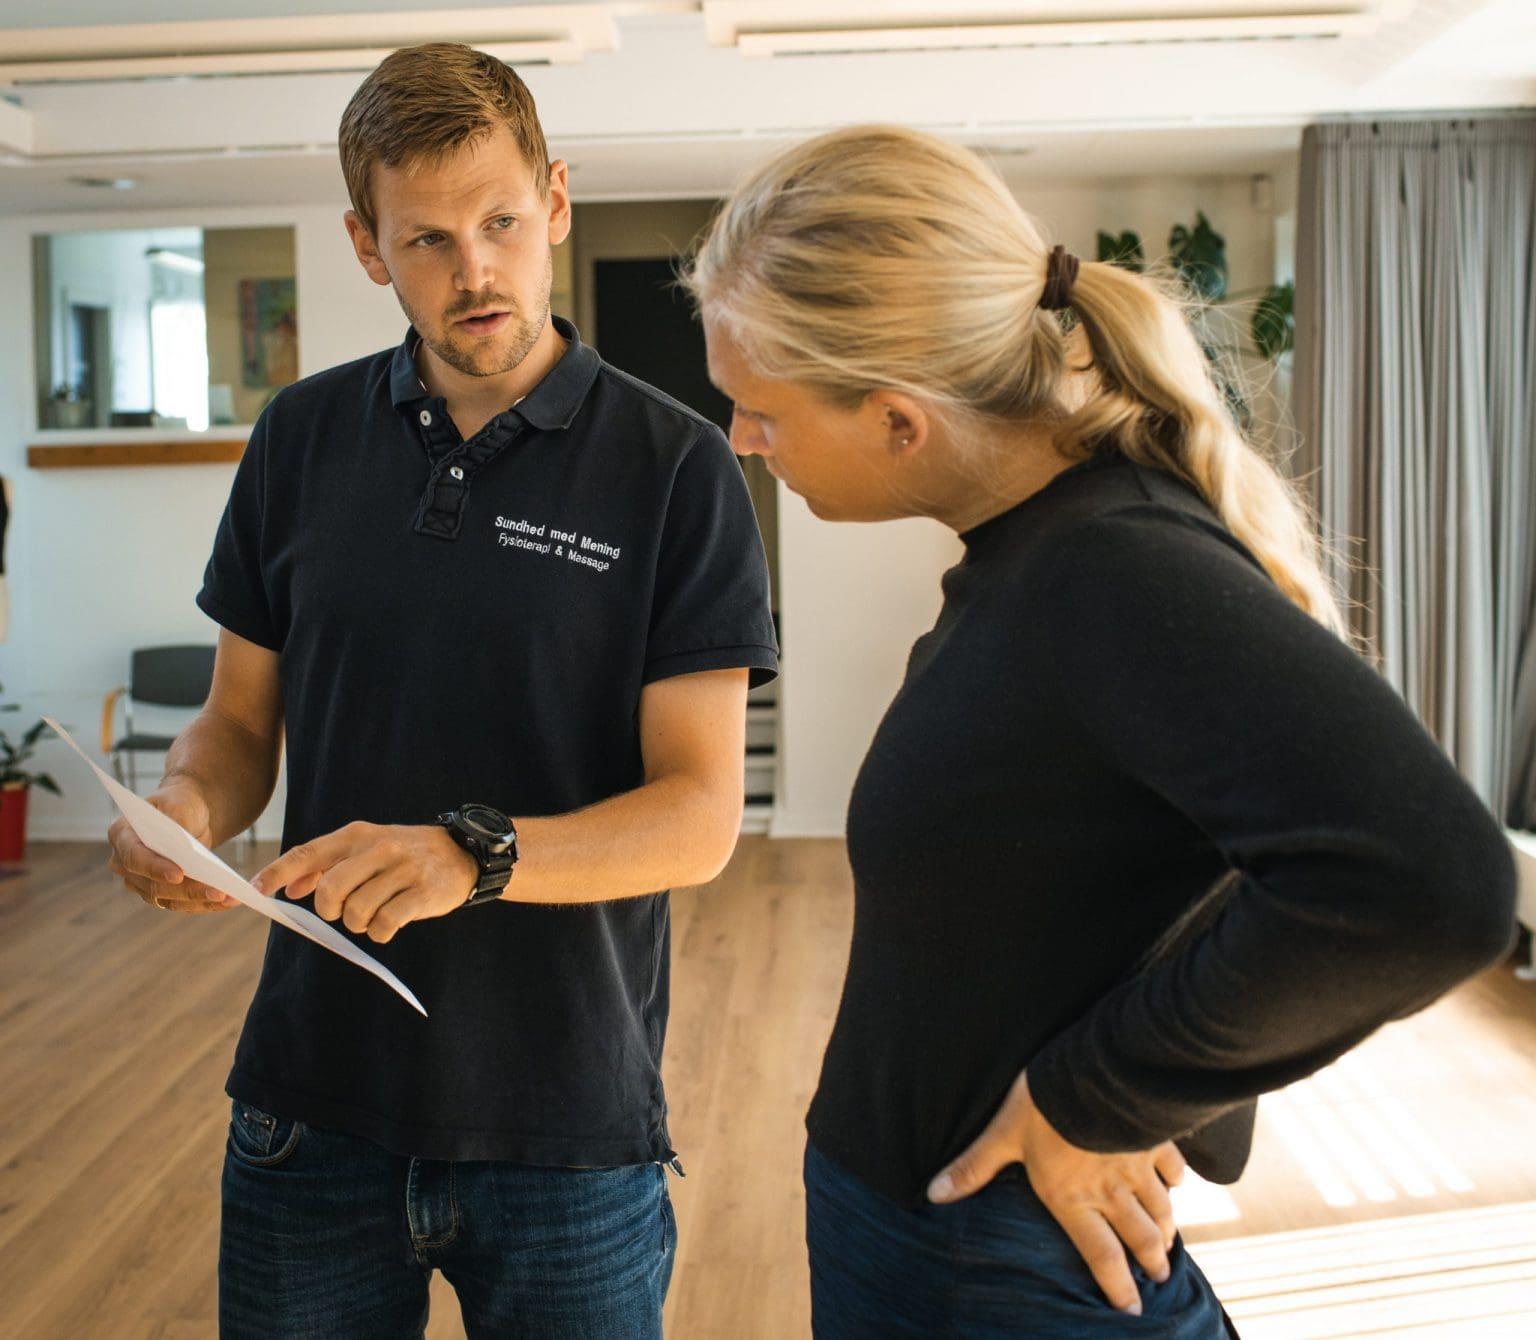 Fysioterapeut klinik Aarhus Sundhed Med Mening